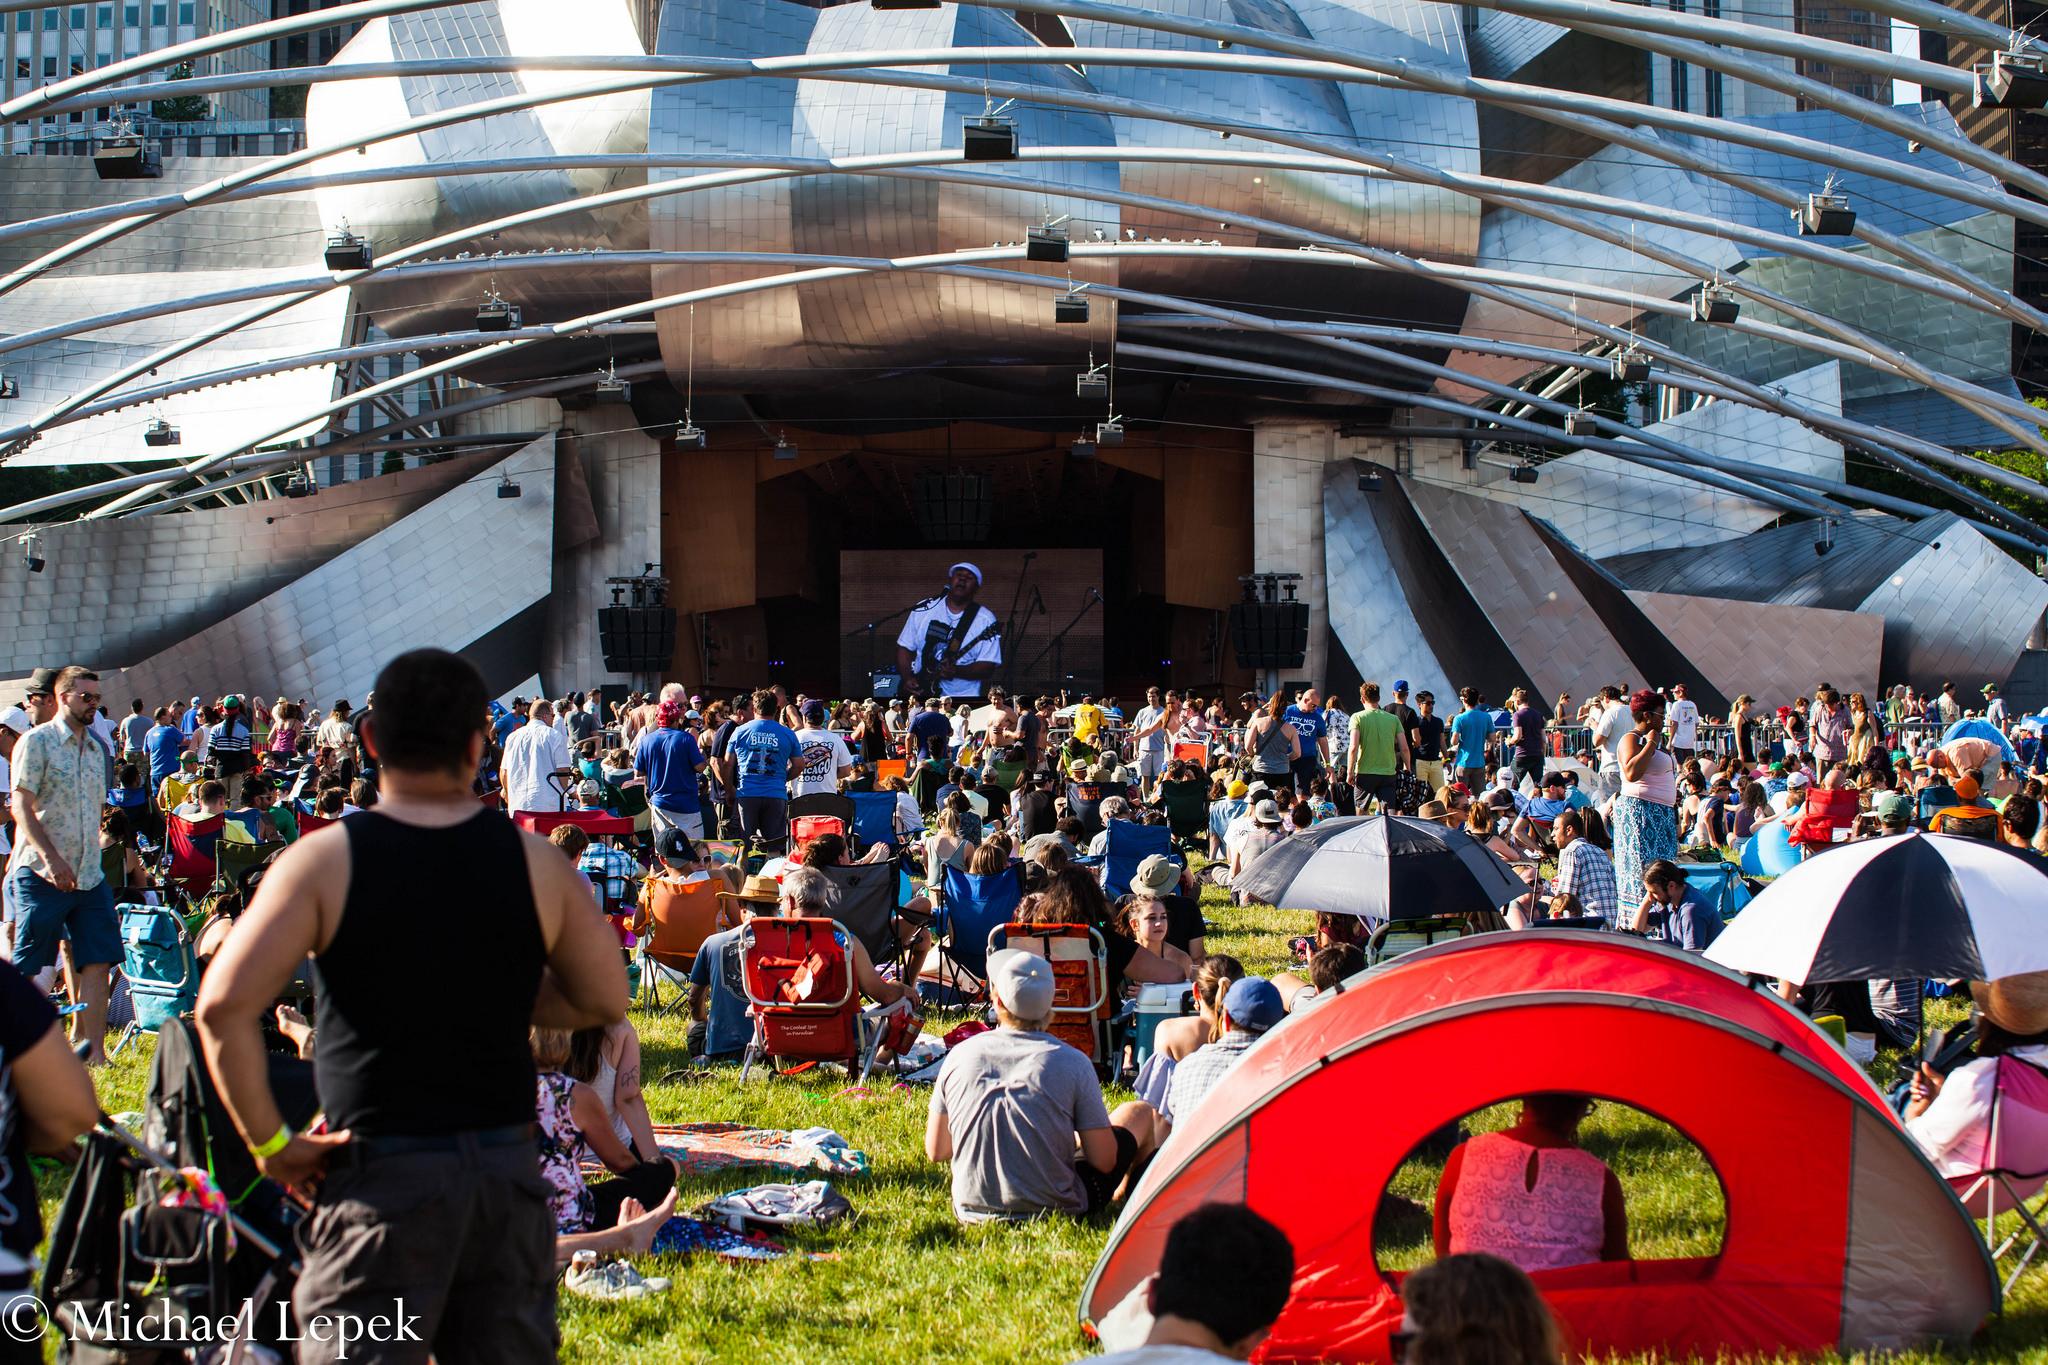 PHOTOS / RECAP   The 2017 Chicago Blues Festival